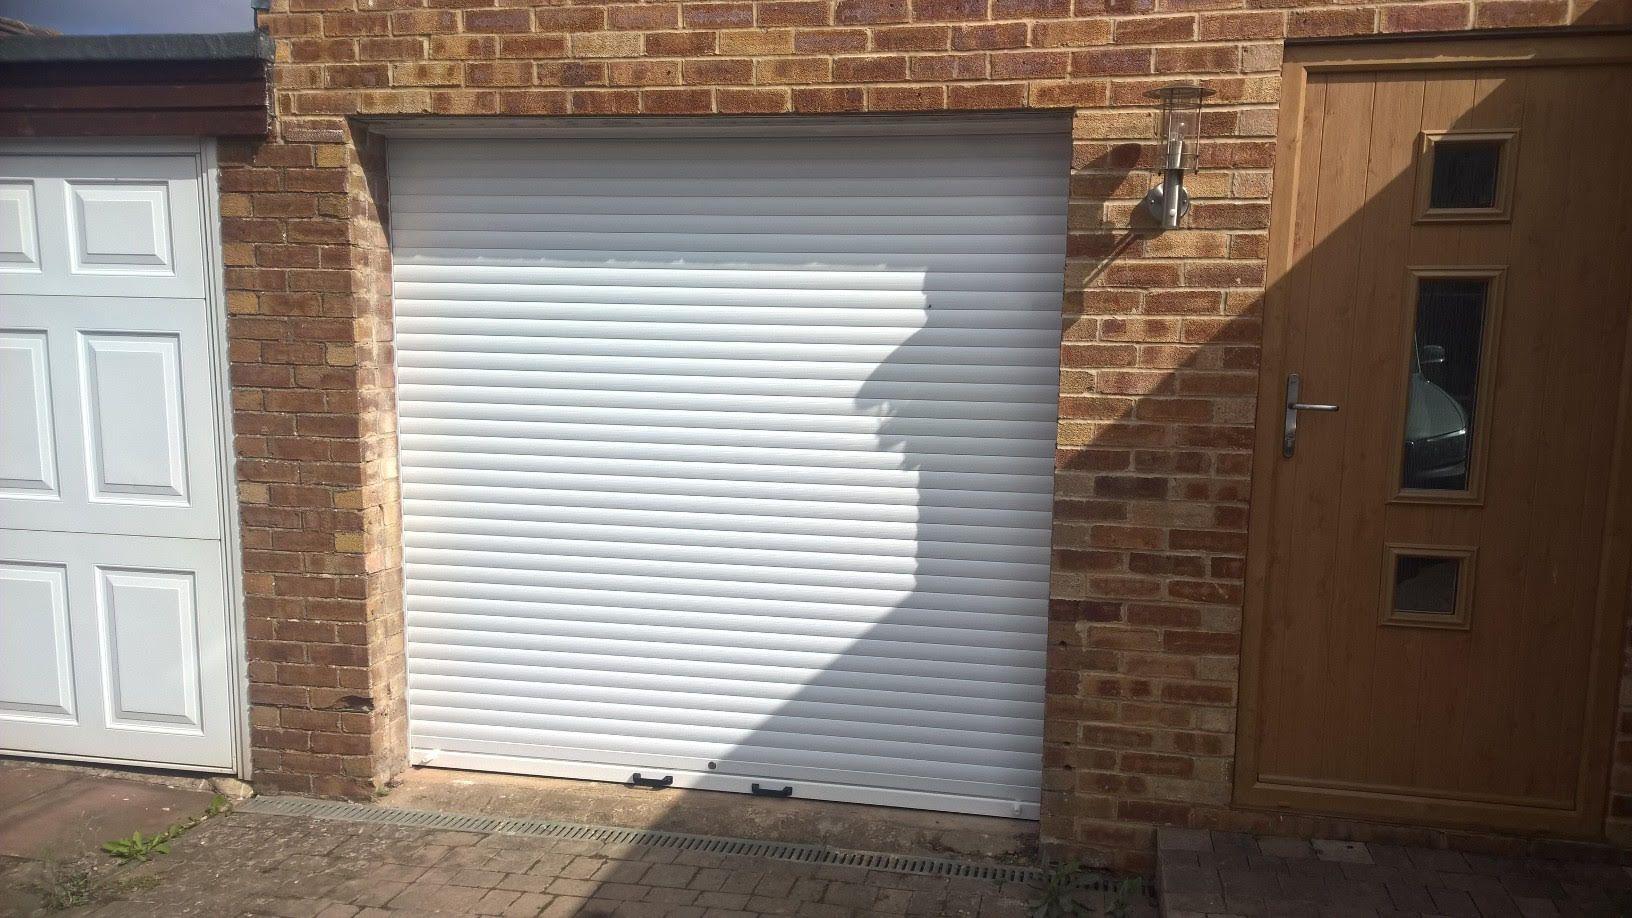 Manual Insulated Roller Garage Door installed in